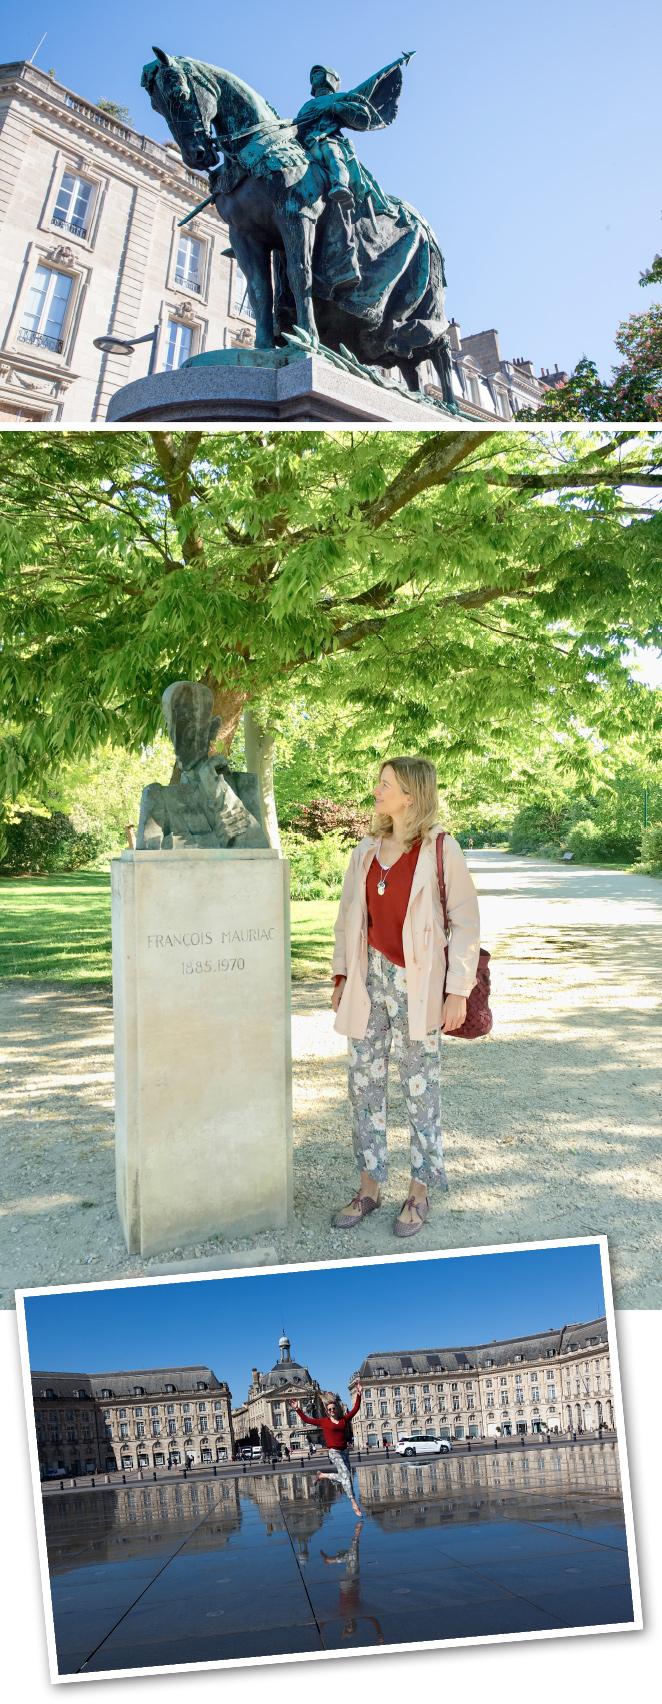 Además, la visita a Burdeos, por exprés que sea, no puede olvidar el CAPC Museo de Arte Contemporáneo, la iglesia de San Luis de los Cartujos, la Catedral de San Andrés, la basílica de San Miguel (el monumento más alto de la ciudad), el monumento de Juana de Arco (una de las grandes mujeres de la historia francesa, cuyo arrojo fue imprescindible para que el rey de Francia conquistase Aquitania) o el Espejo de Agua, el más grande del mundo, ubicado en la Plaza de la Bolsa, que alterna efectos de espejo y niebla.